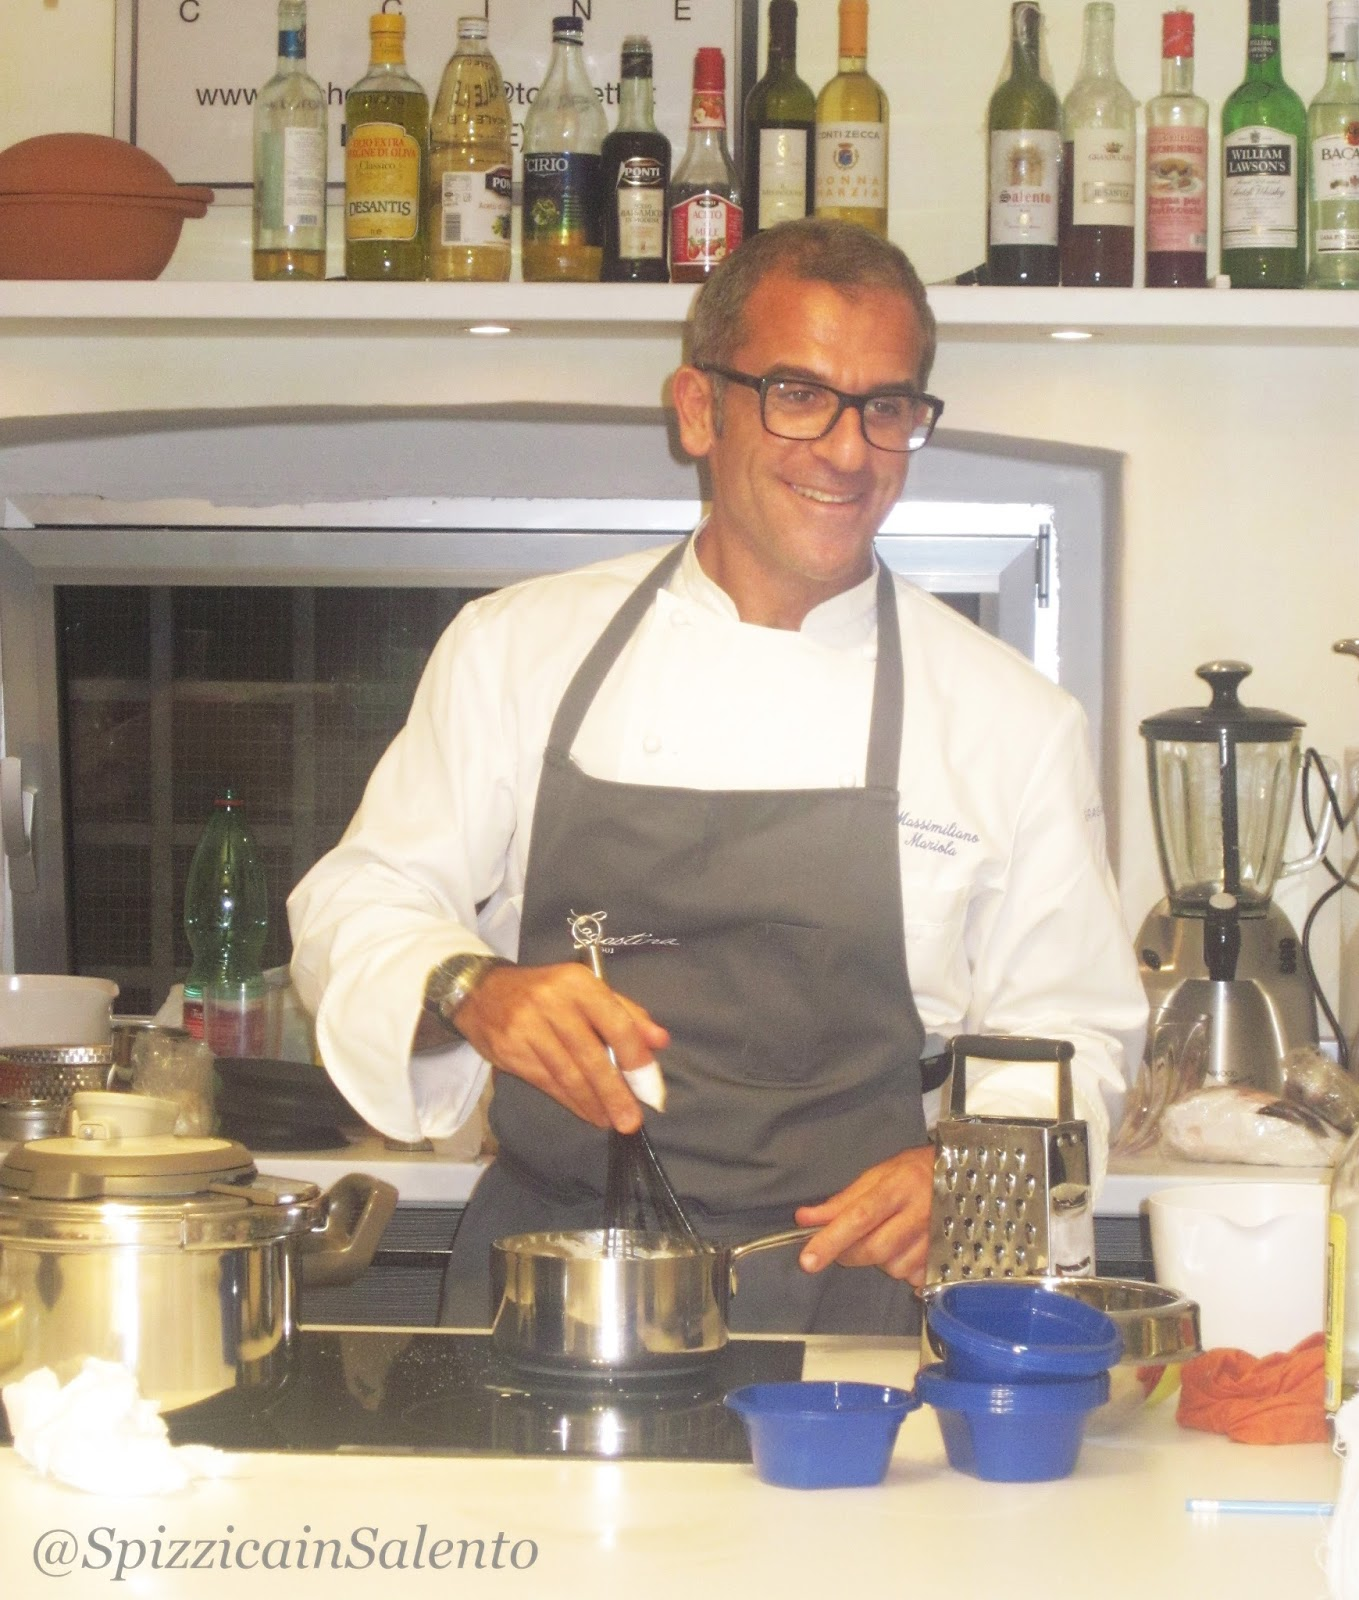 Max cucina l'italia risotto radicchio